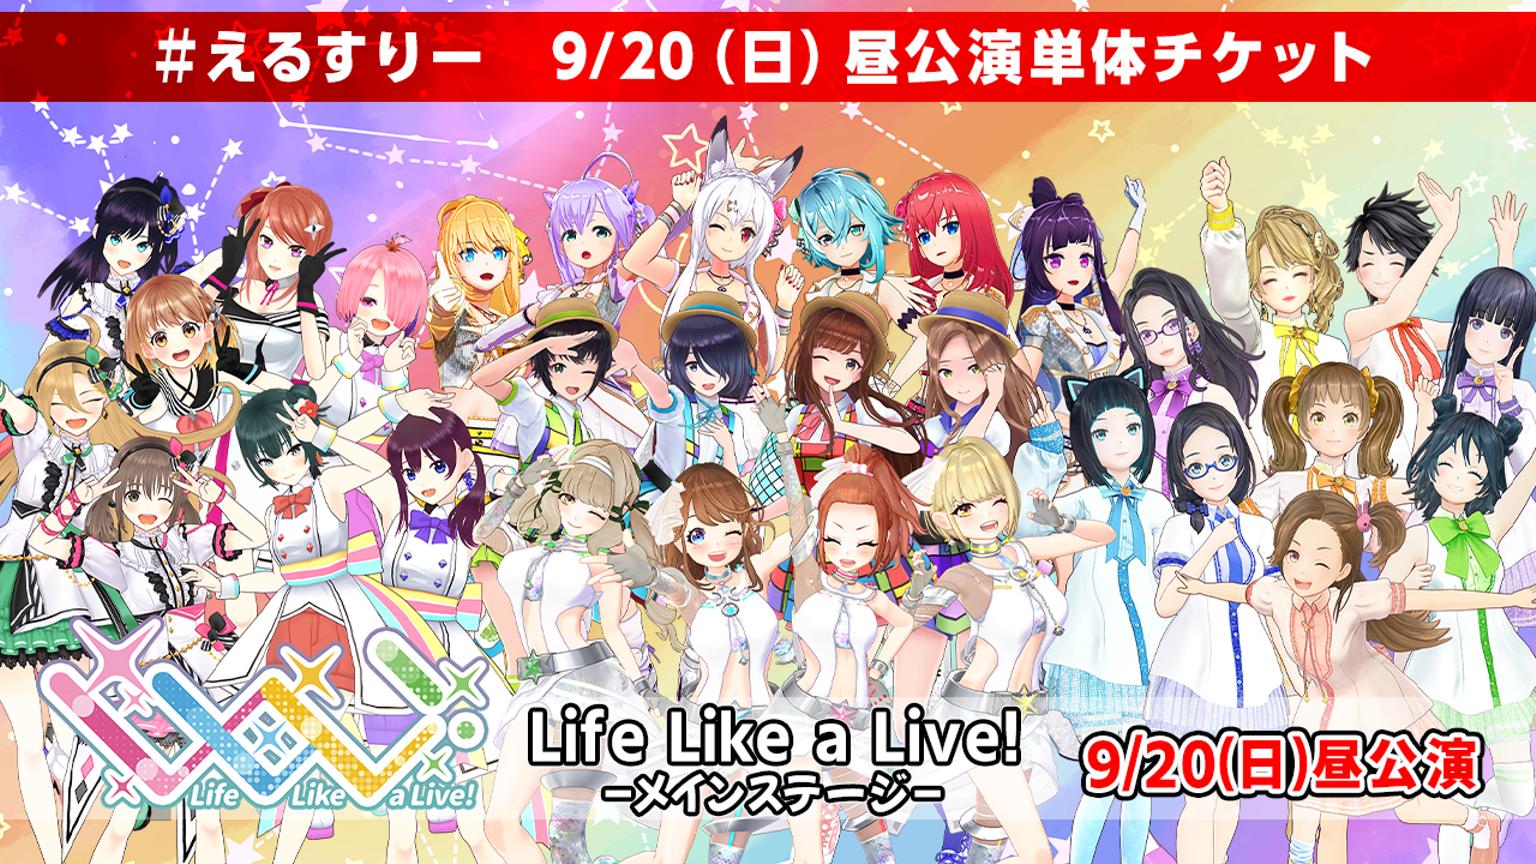 【9/20(日)昼】Life Like a Live!